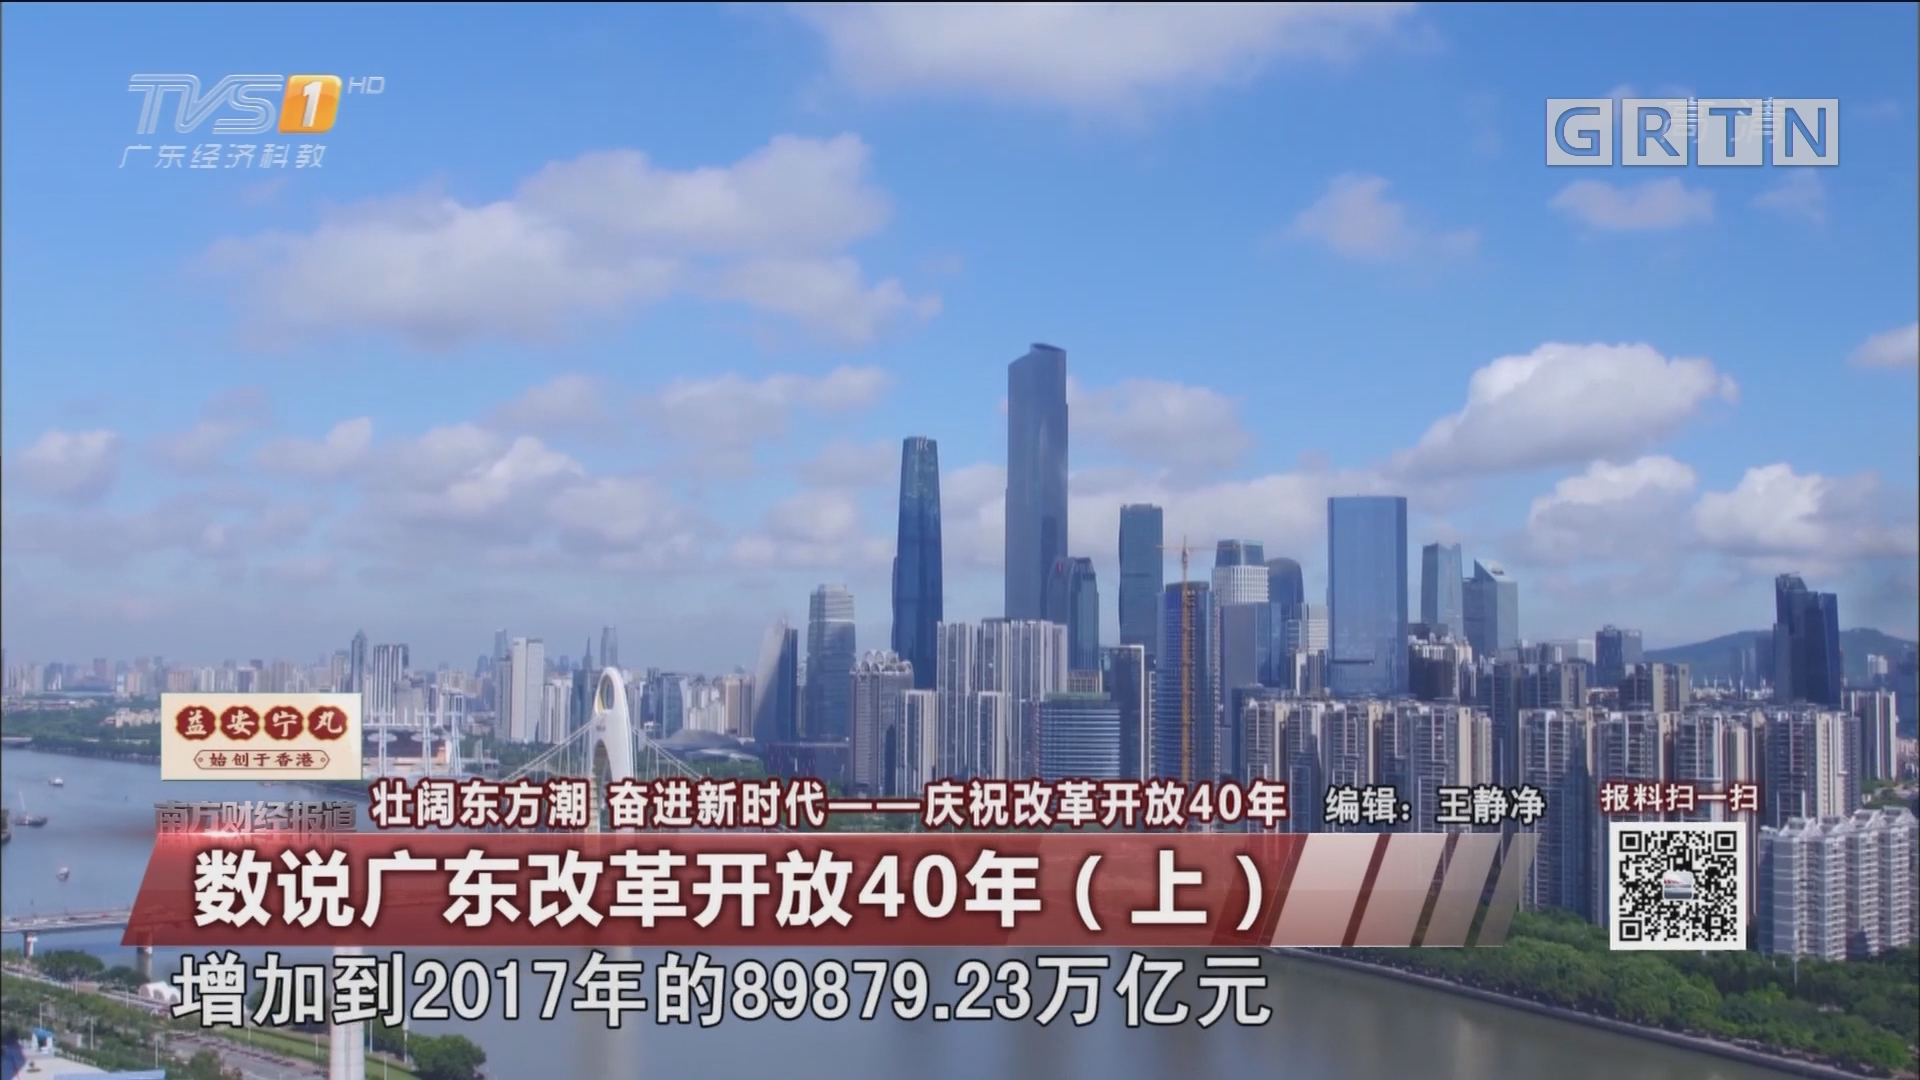 壯闊東方潮 奮進新時代——慶祝改革開放40年:數說廣東改革開放40年(上)